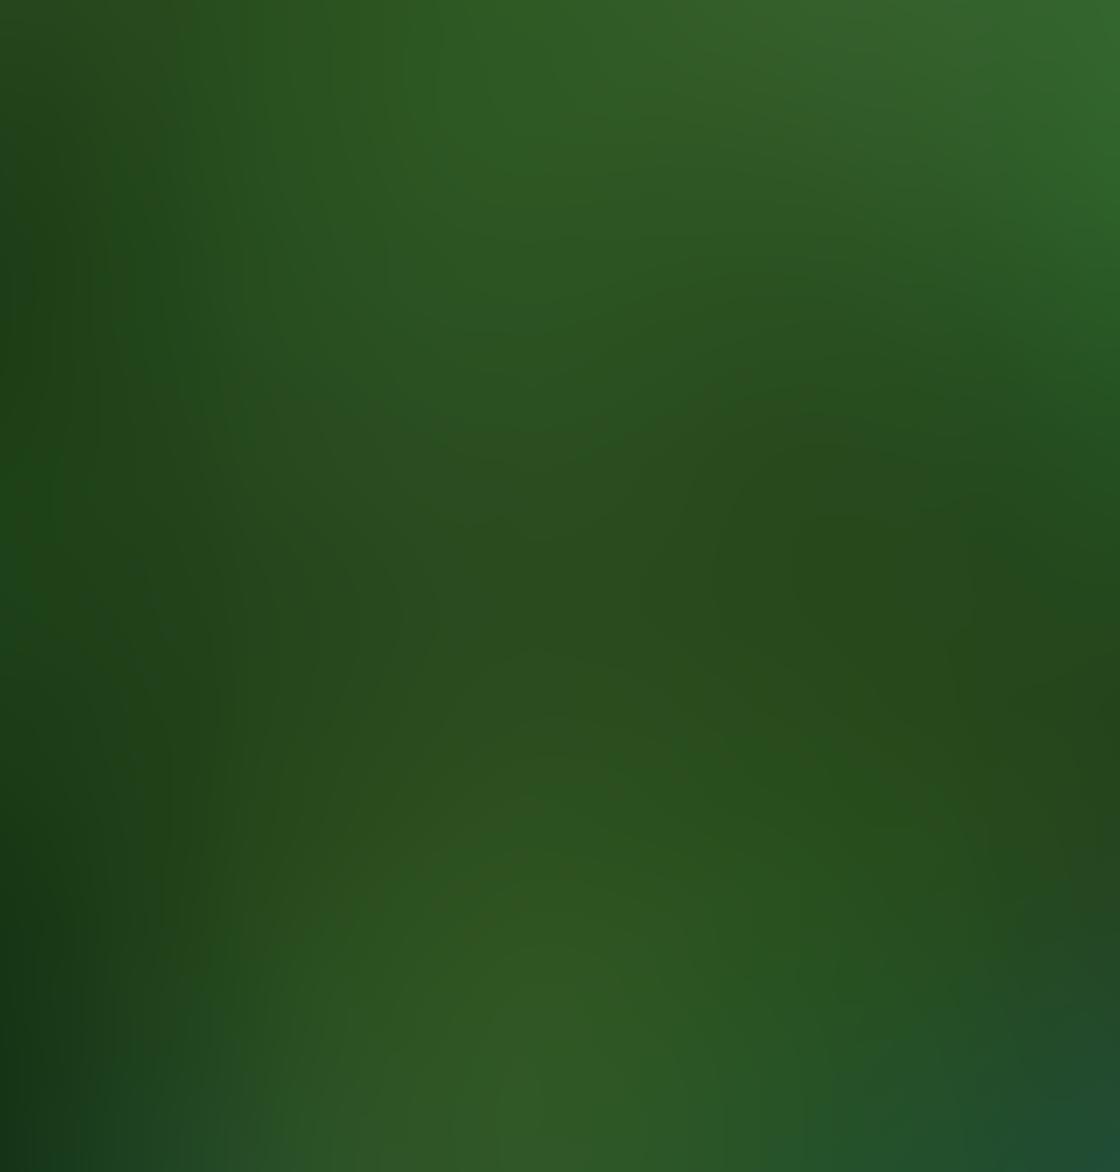 Green iPhone Photos 19